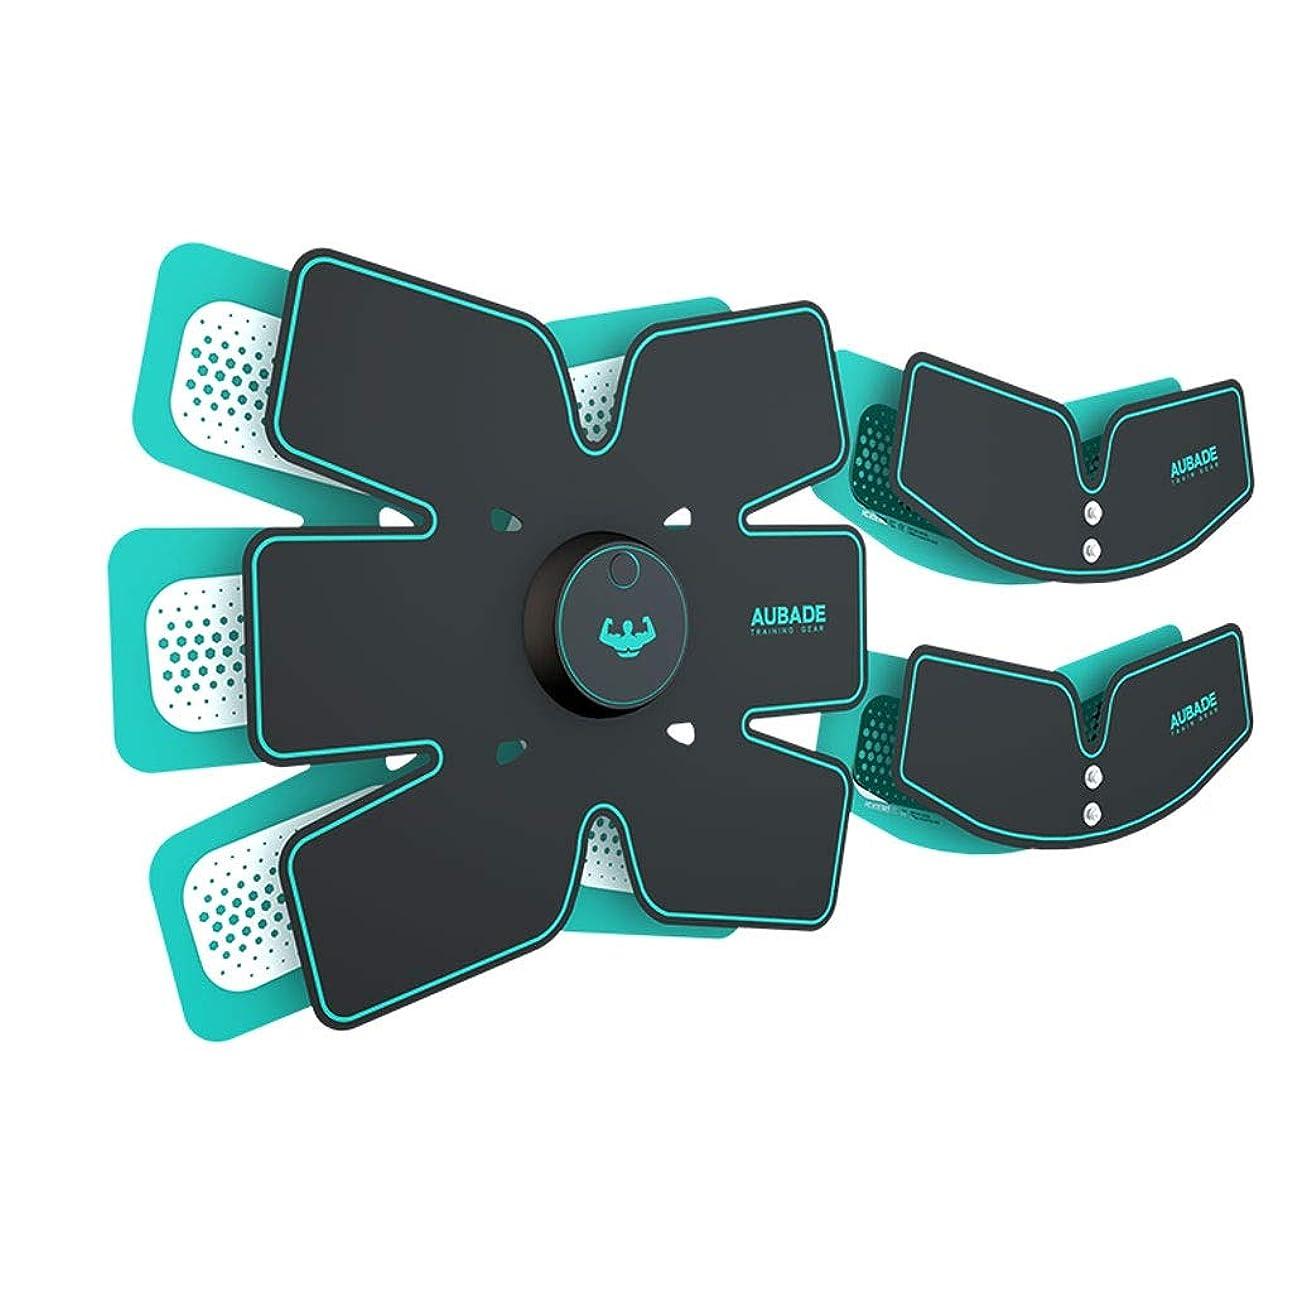 カヌー保護安らぎABSトレーナー、充電筋肉刺激装置、ワイヤレスマッスルトナー腹部調色ベルト脂肪バーナー機器でリモートコントロール付き男性女性